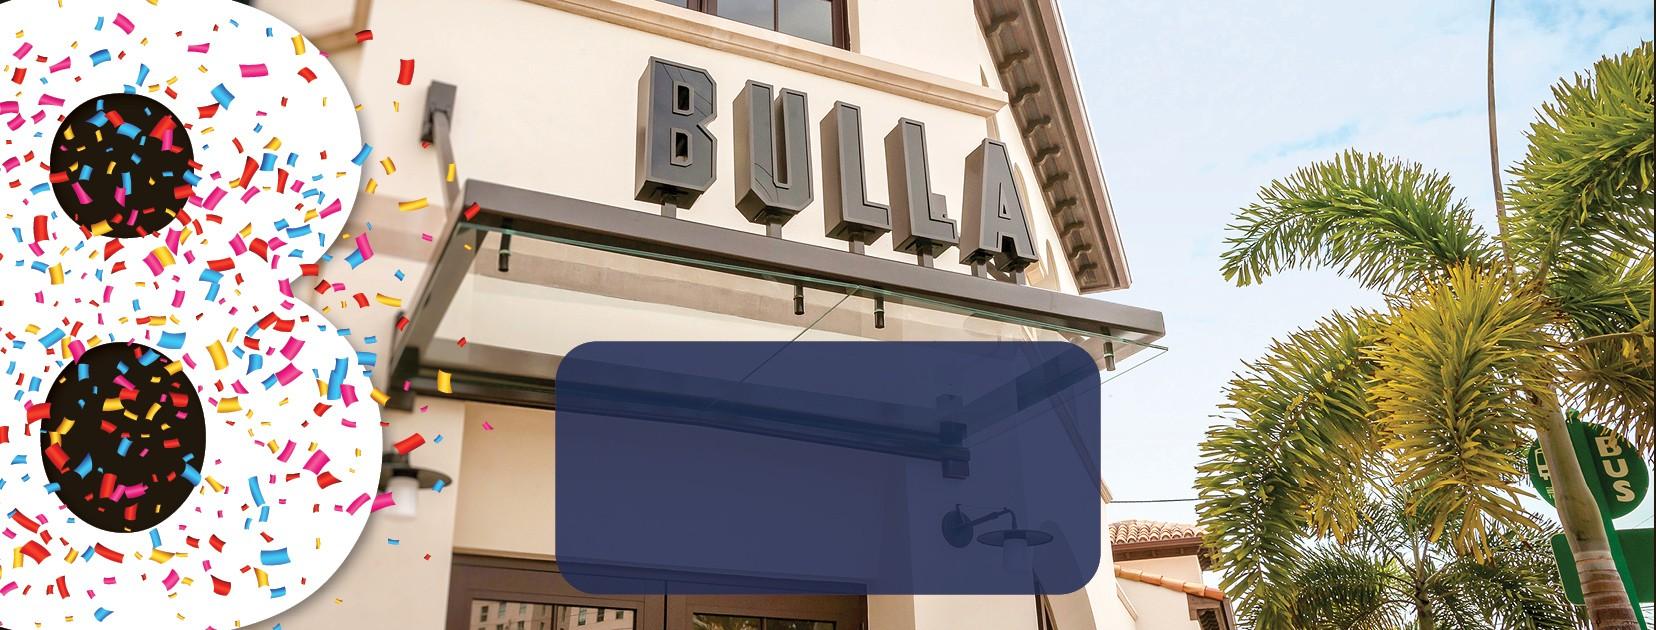 Bulla Coral Gables 8-year Anniversary